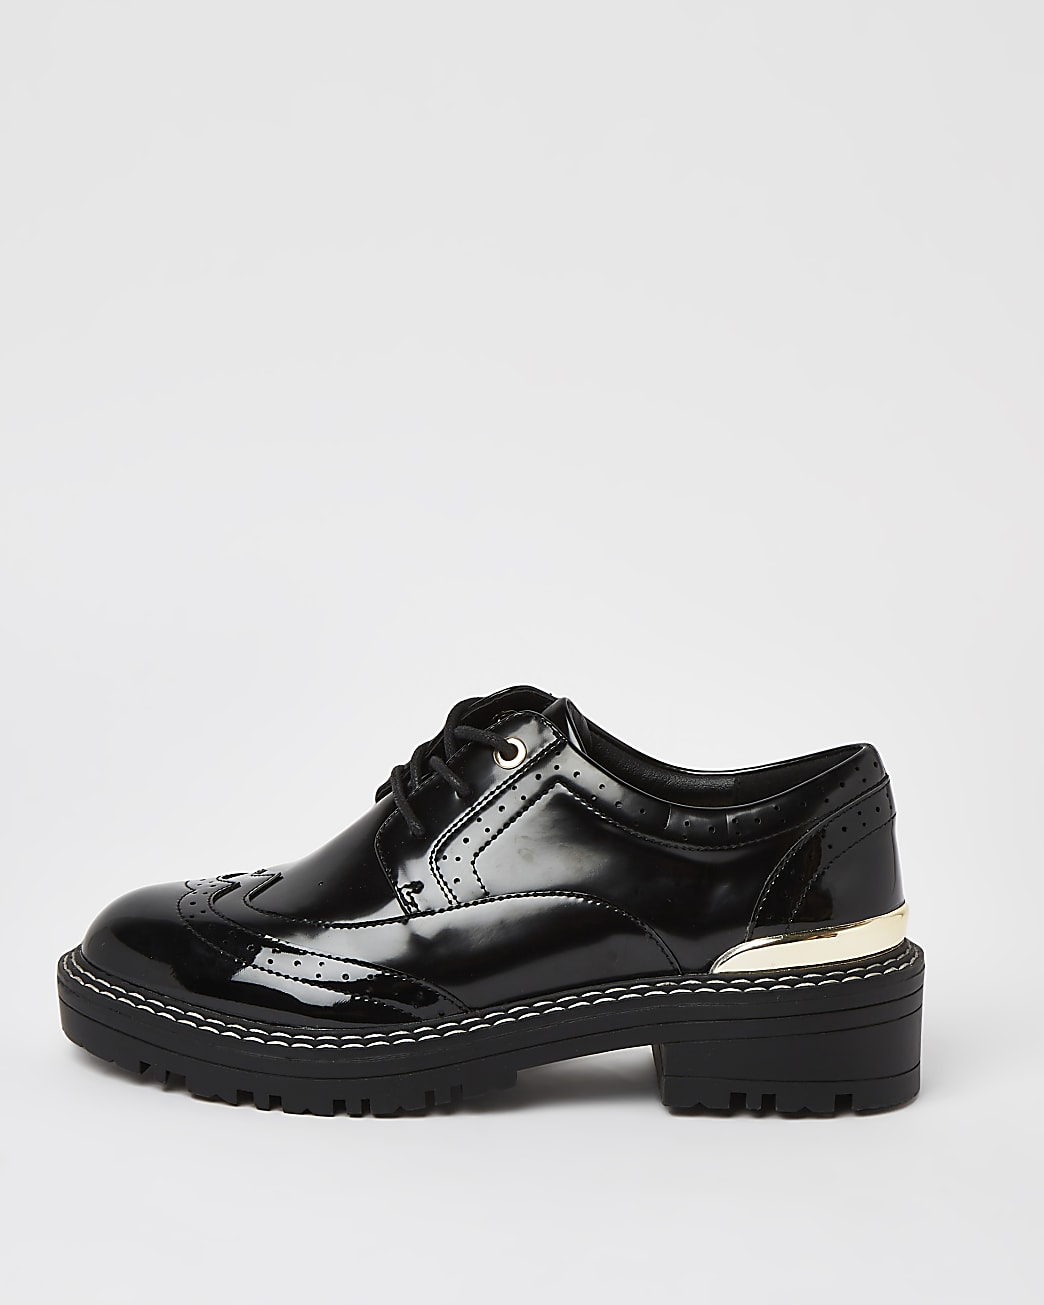 Black lace up brogue shoes